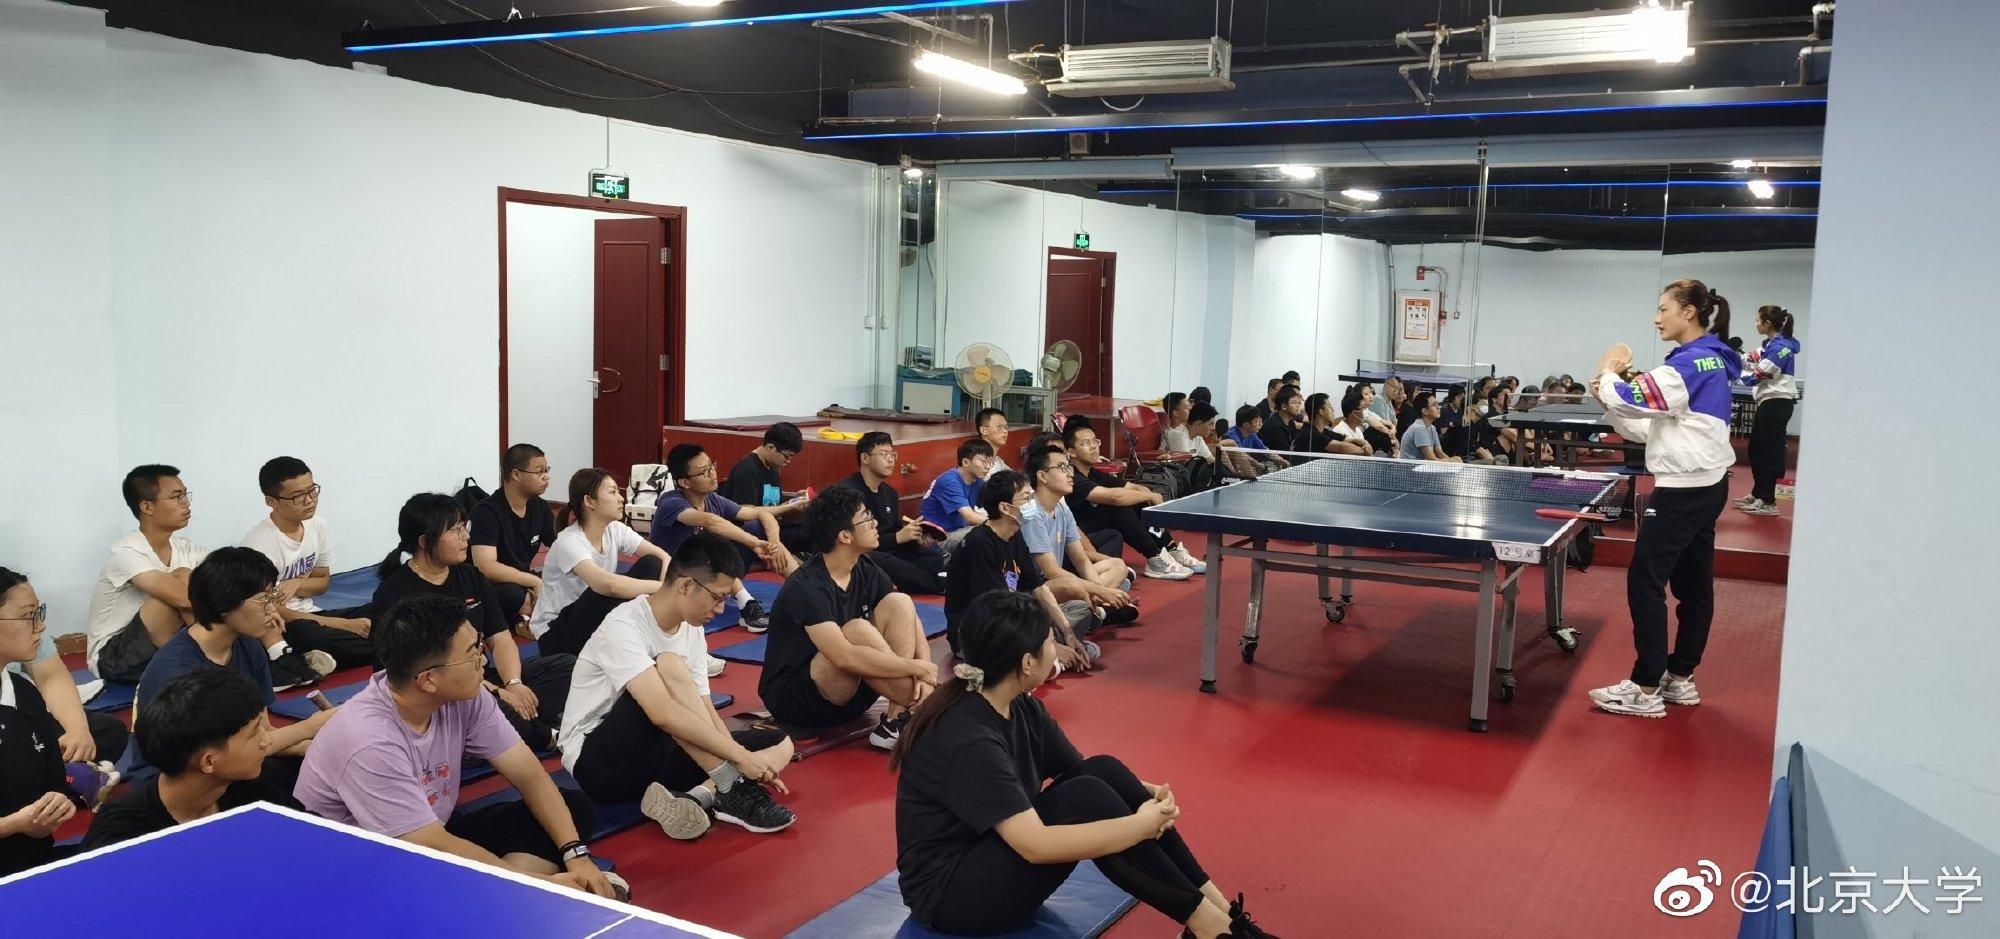 丁宁将担任北大乒乓球课助教 网友:这是勤工俭学